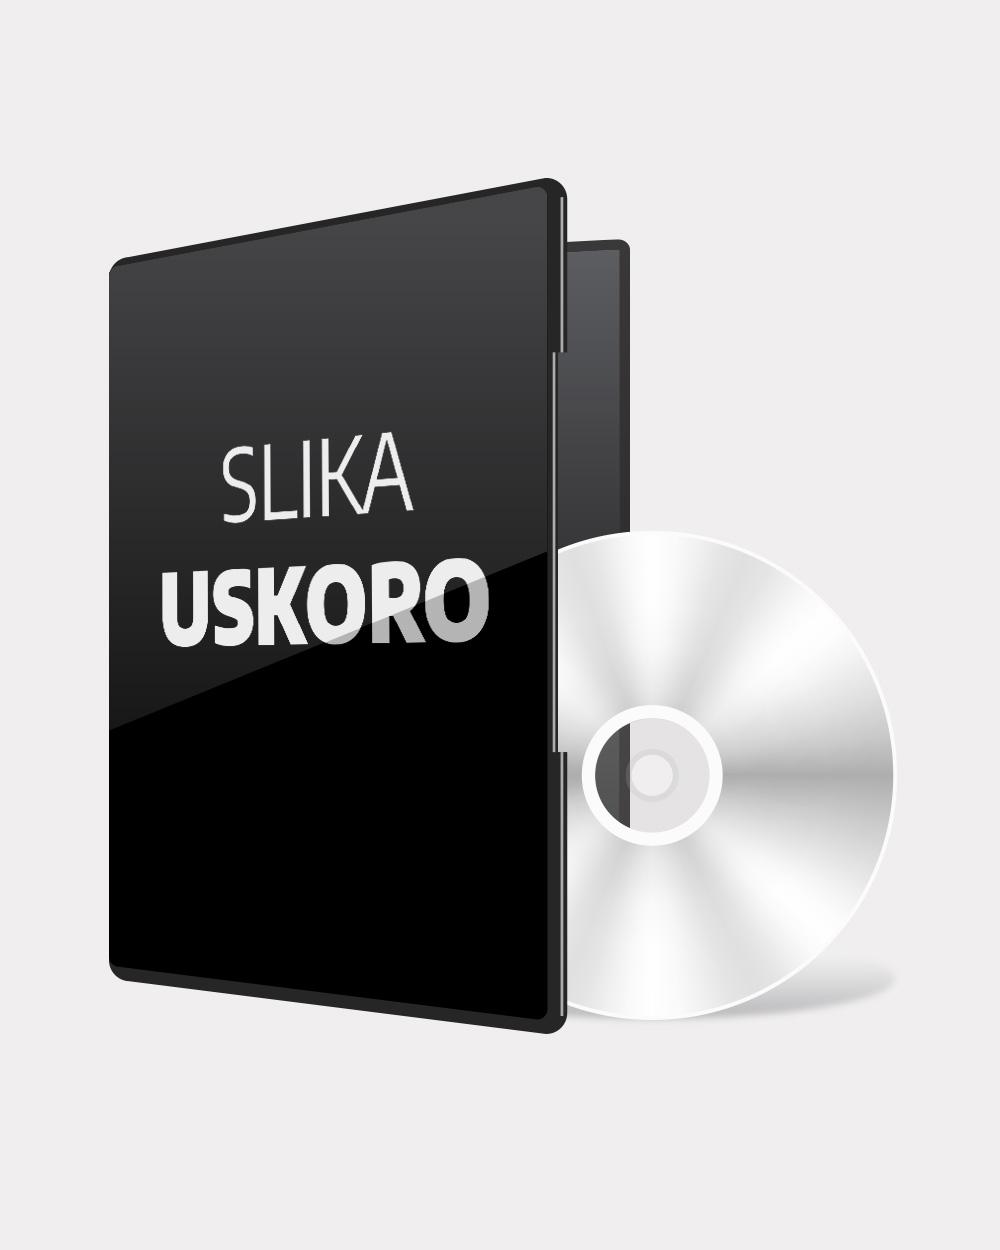 PS4 Locks Quest